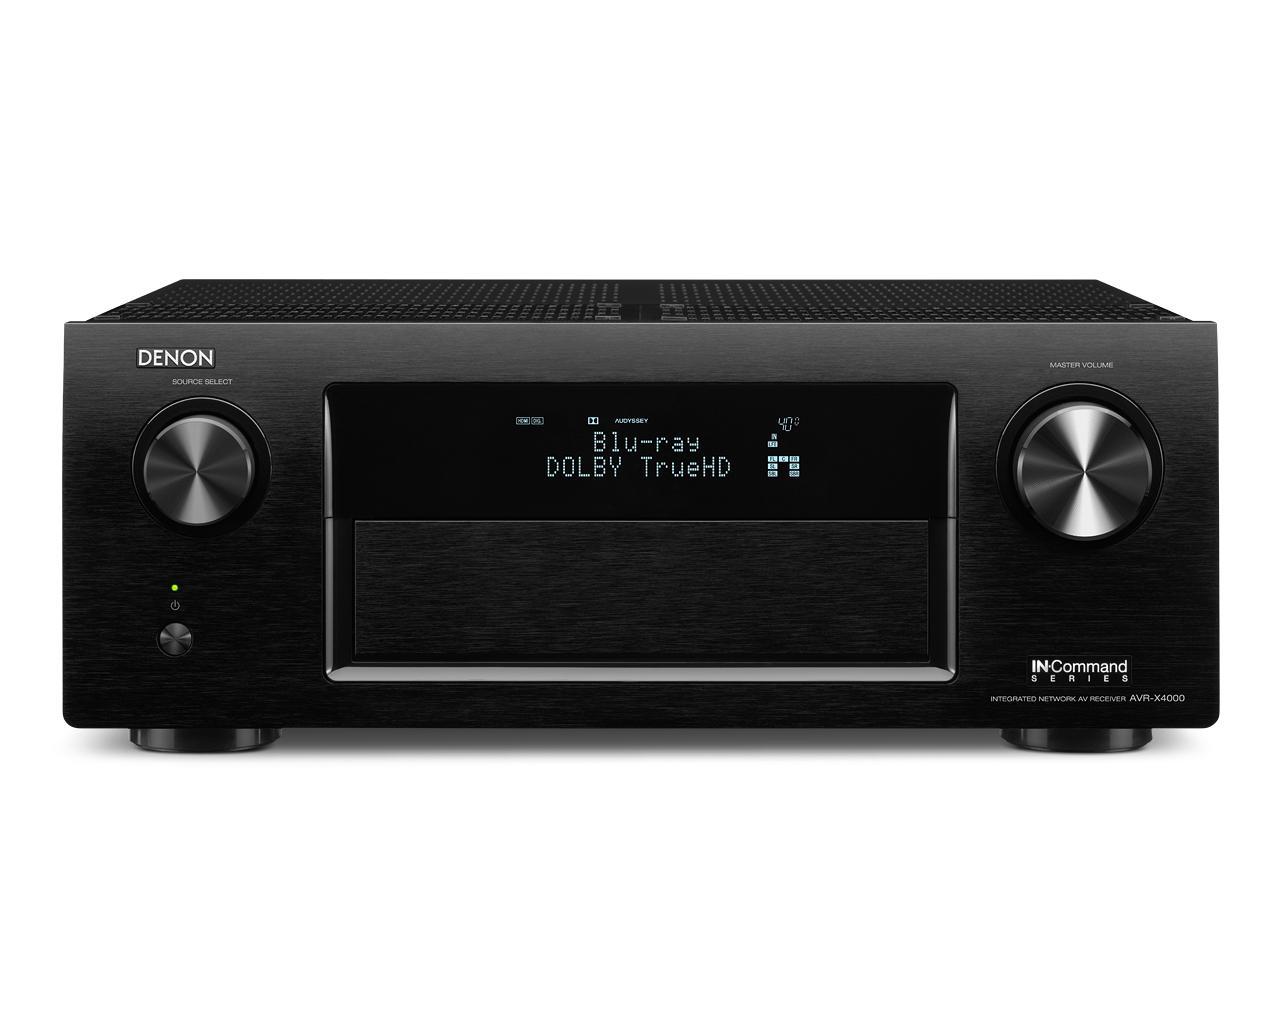 Denon AV Receivers 7.2 Channel AV Receiver - Item Number: AVR-X4000